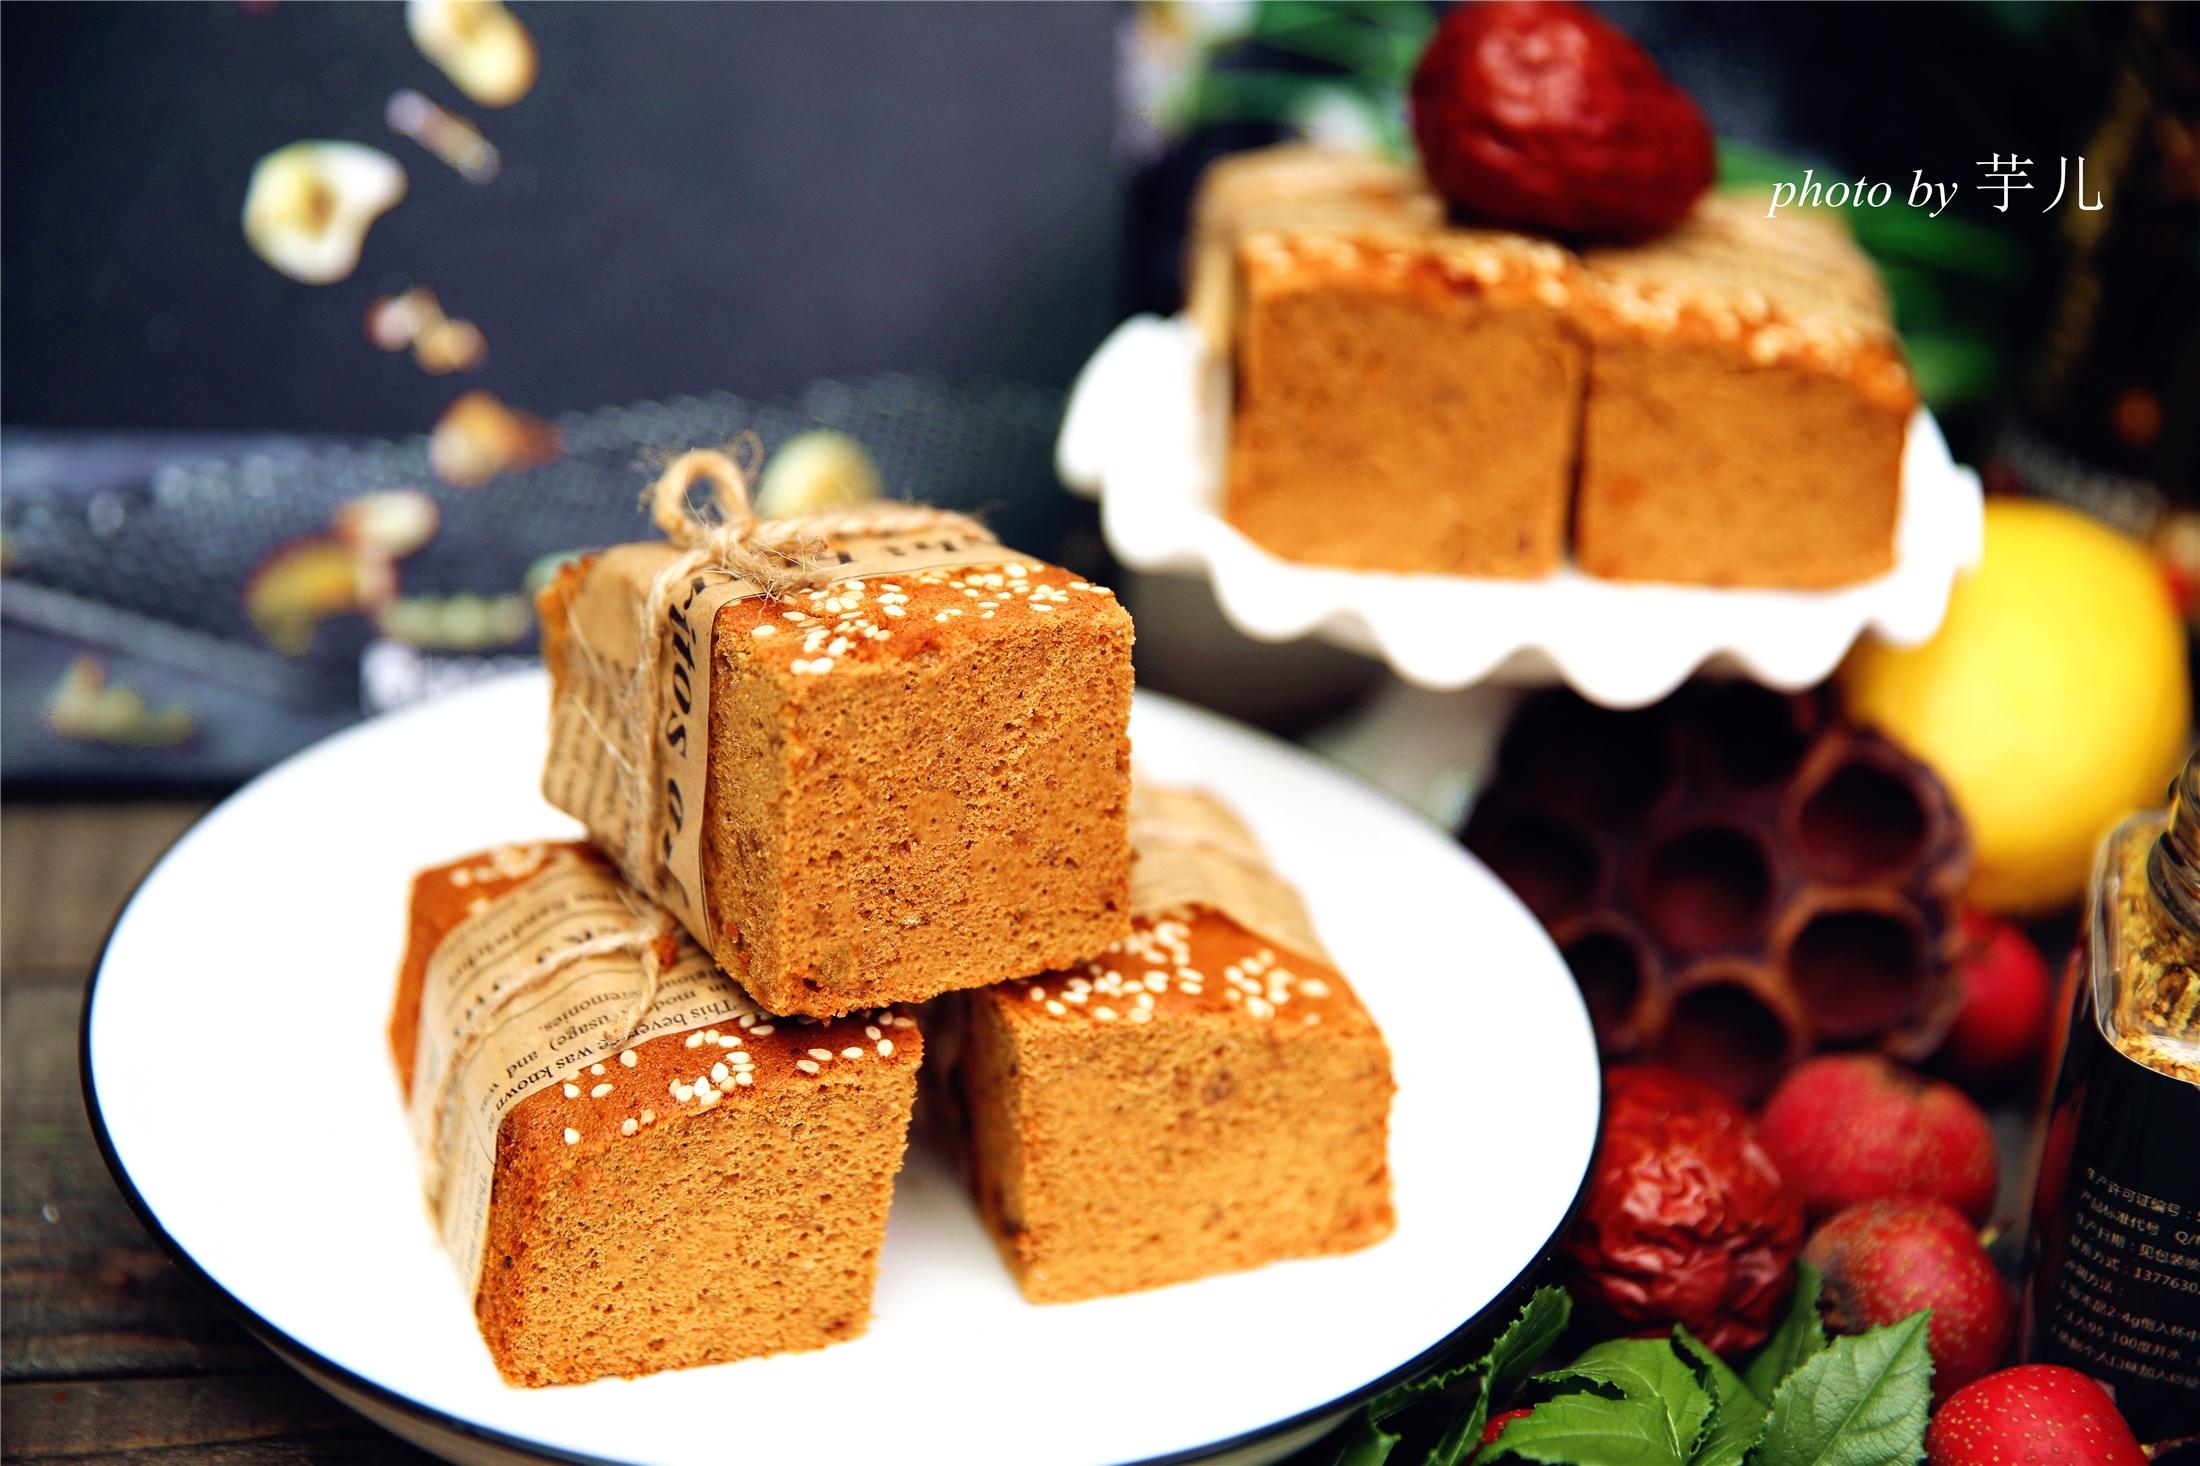 卷完蛋糕卷面包---肉松面包卷(附打蛋器揉面步骤